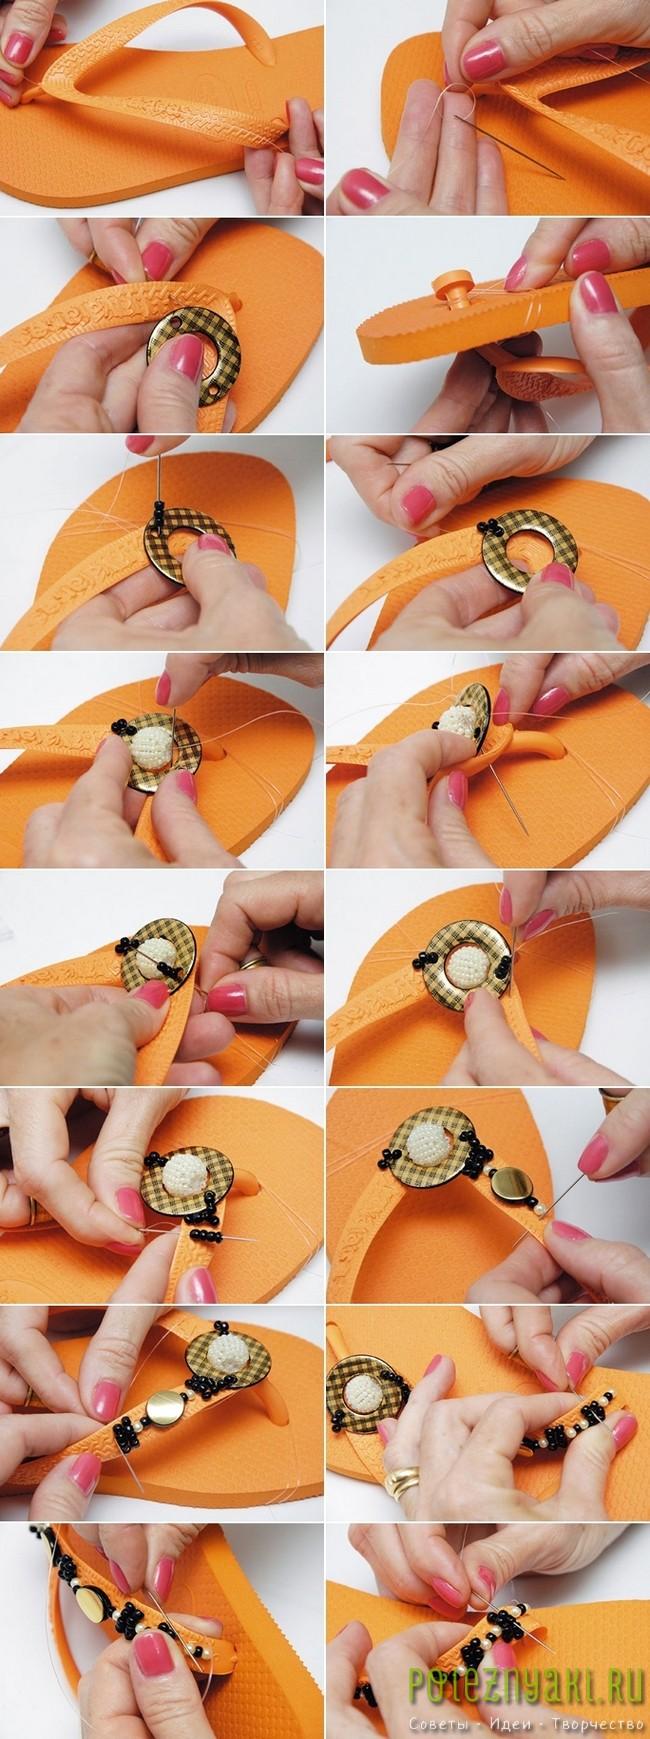 Идея украшения оранжевых шлепок черным бисером2